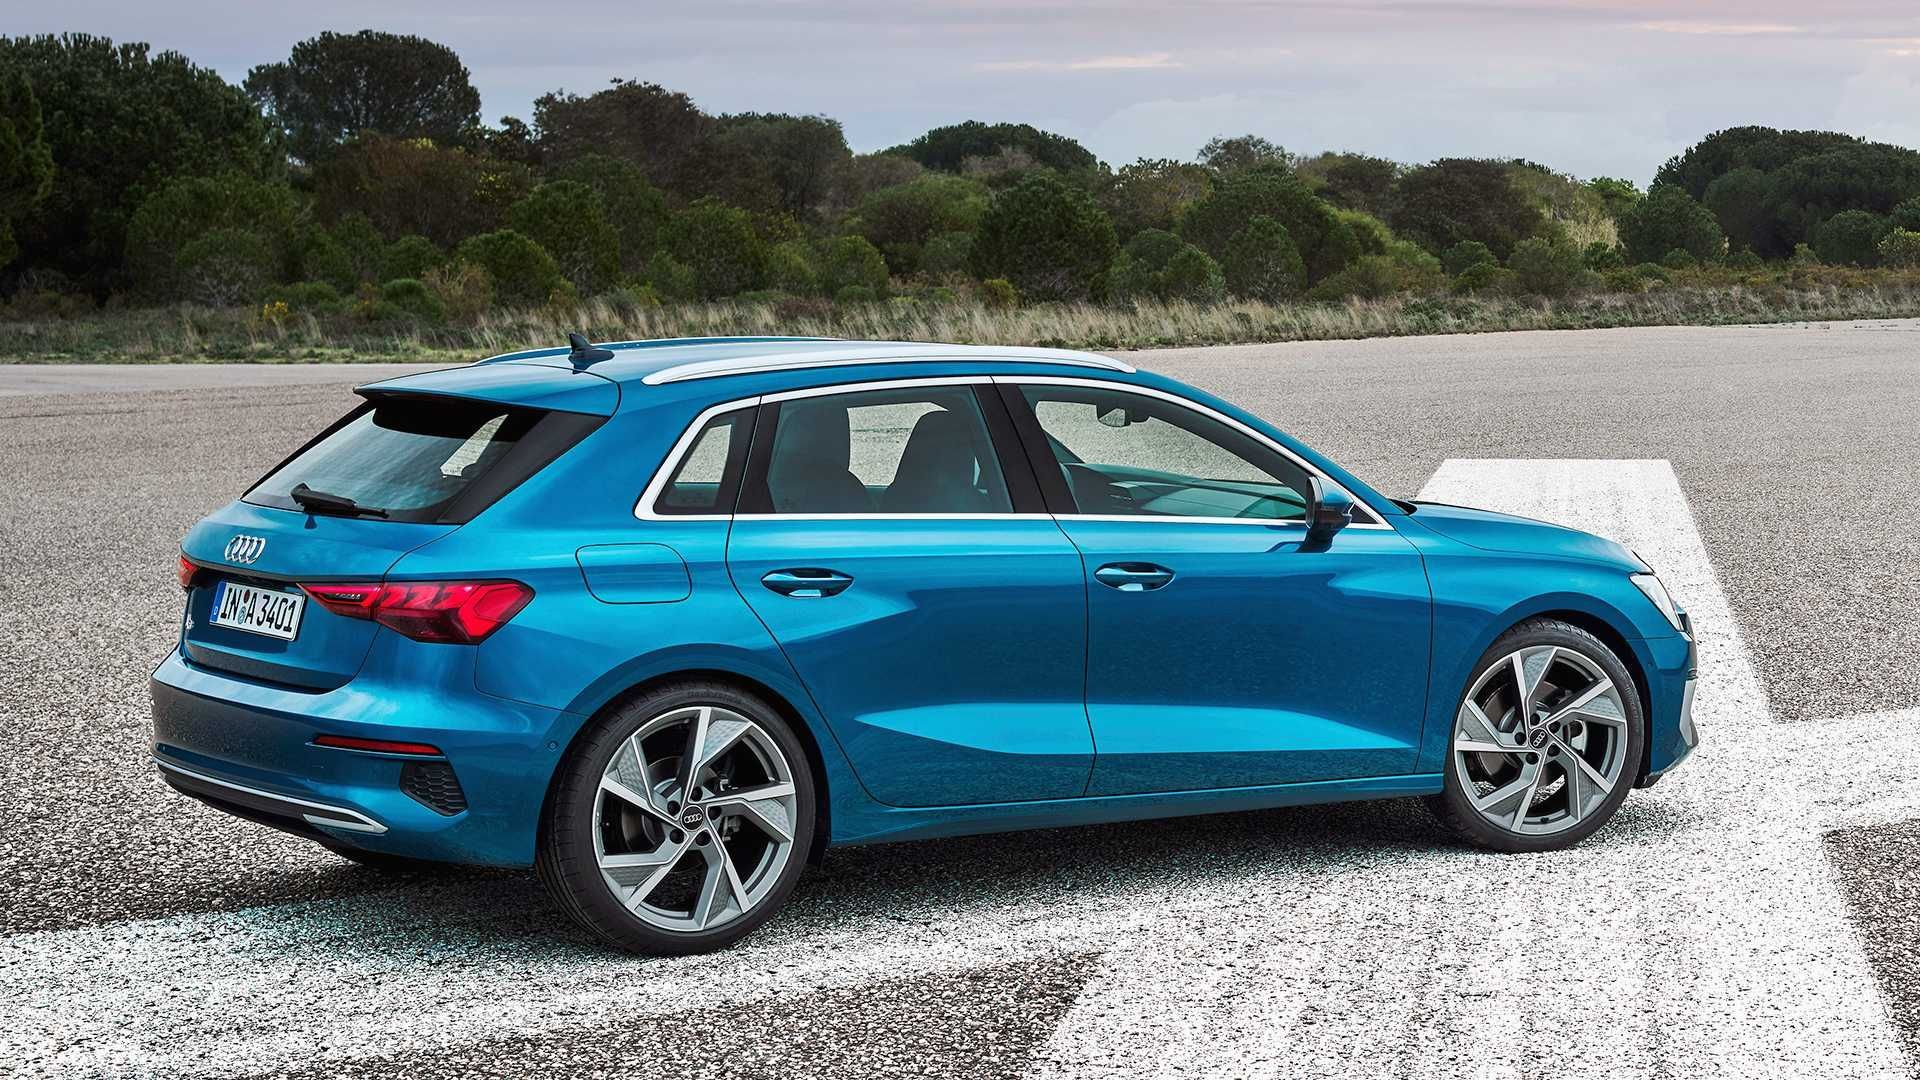 Meet the new 2021 Audi A3 Sportback!